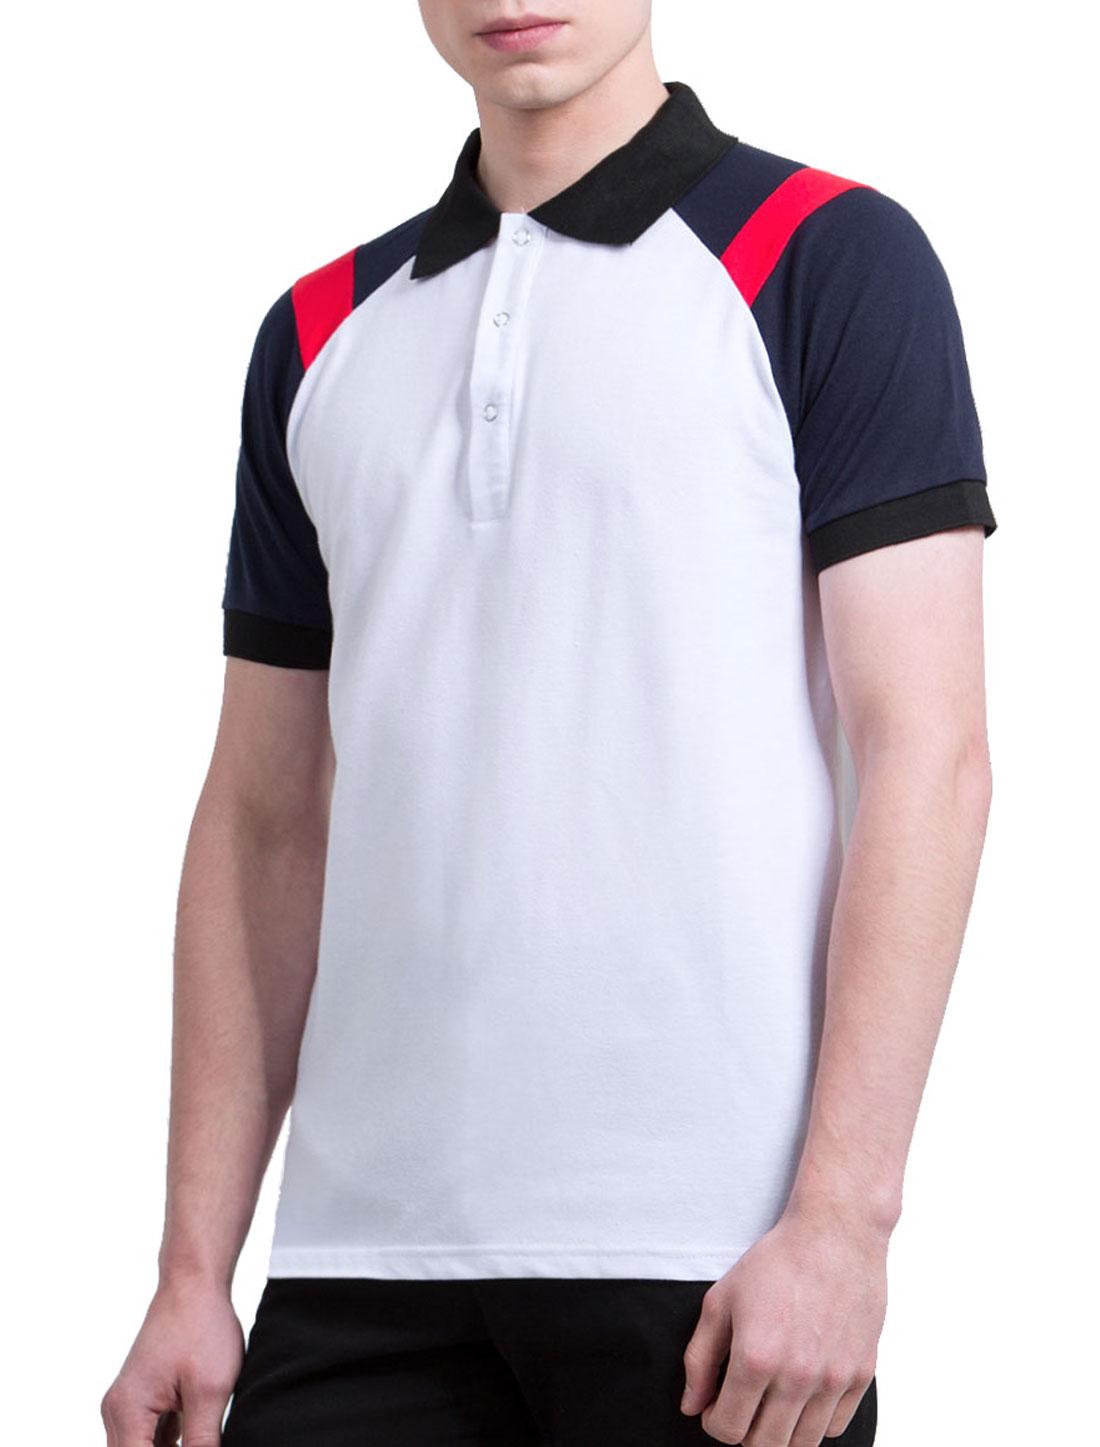 Men Contrast Color Short Raglan Sleeves Polo Shirt White S